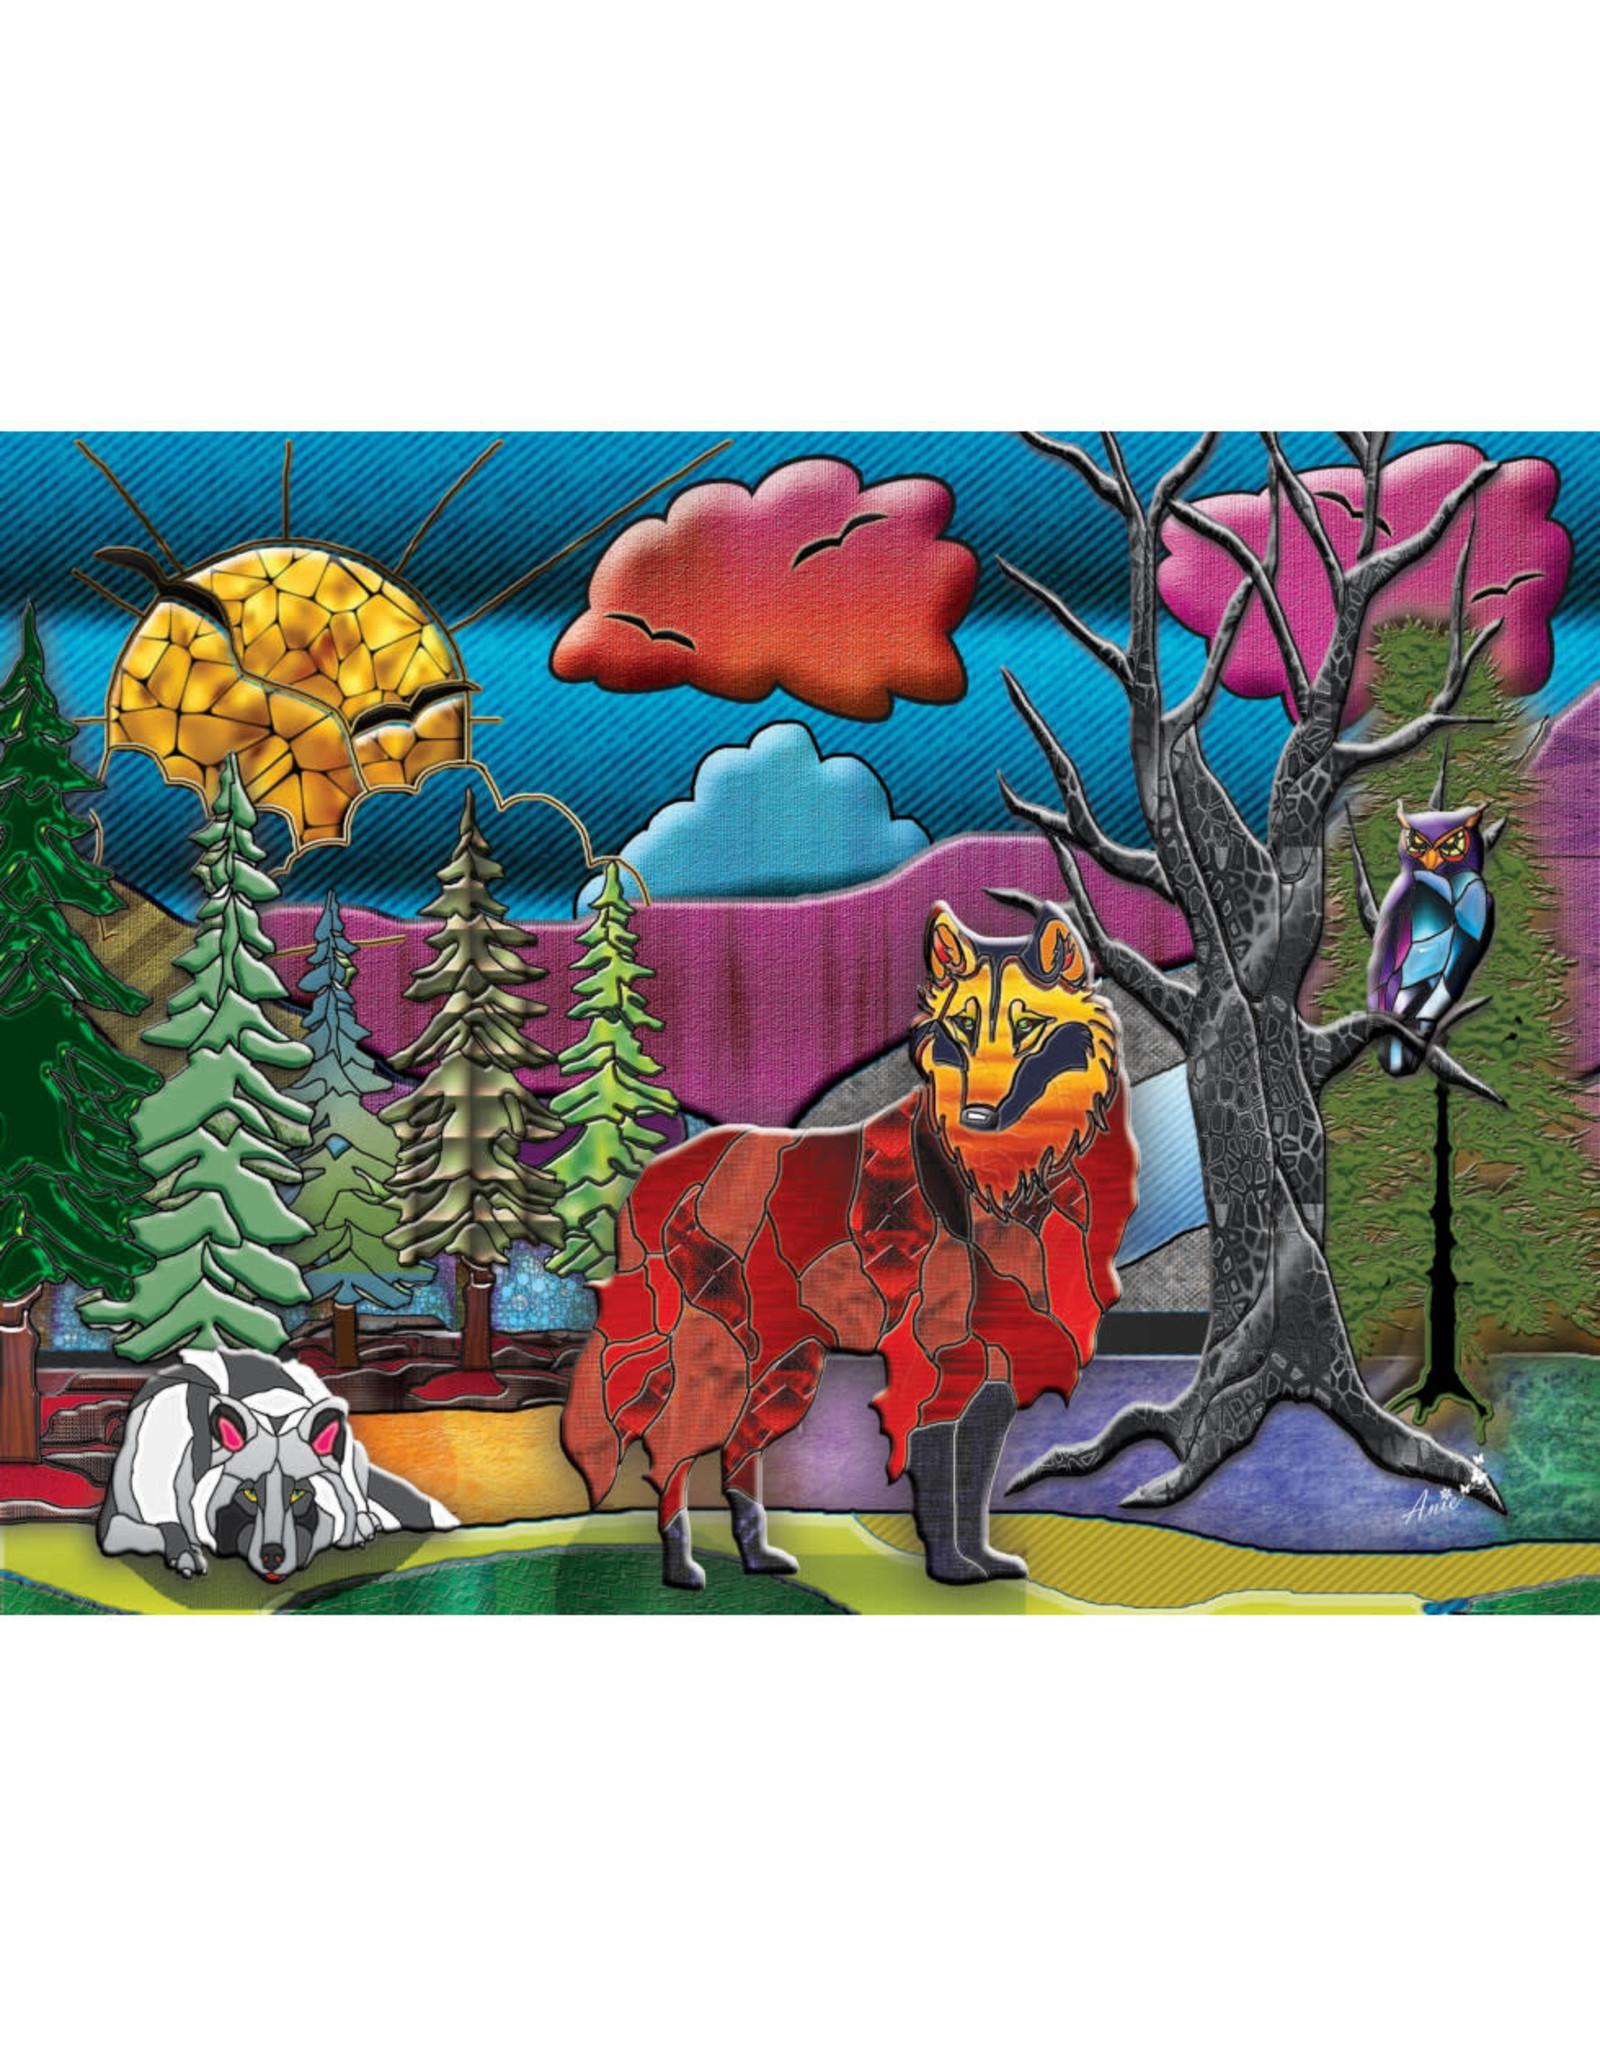 Jacarou Puzzles Loups - Jacarou